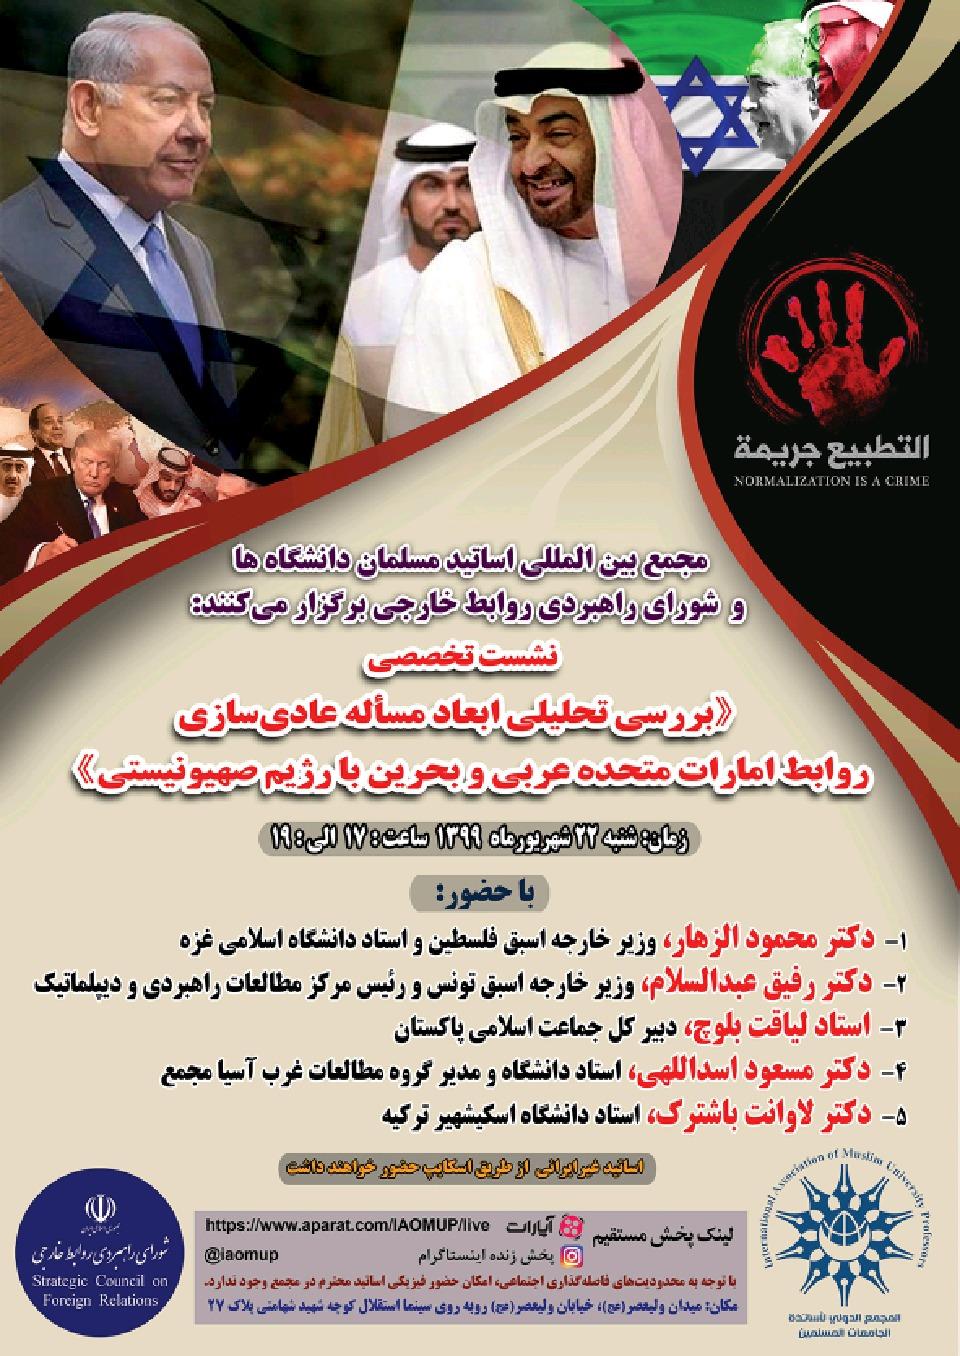 برگزاری نشست تخصصی «بررسى تحليلى ابعاد مسأله عادىسازى روابط امارات متحده عربى و بحرین با رژيم صهيونيستى»